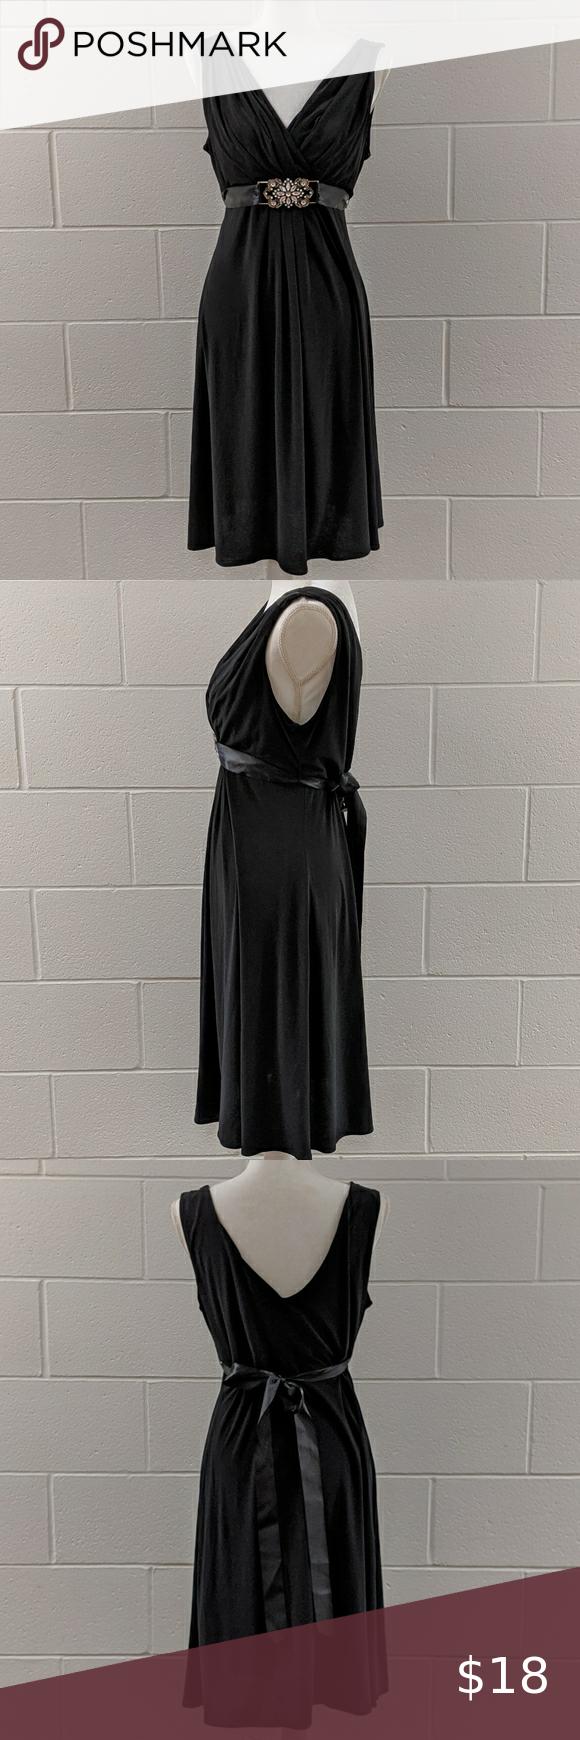 Scarlett Nite Black Mini Dress Size 12 Mini Black Dress Mini Dress Black Mini [ 1740 x 580 Pixel ]